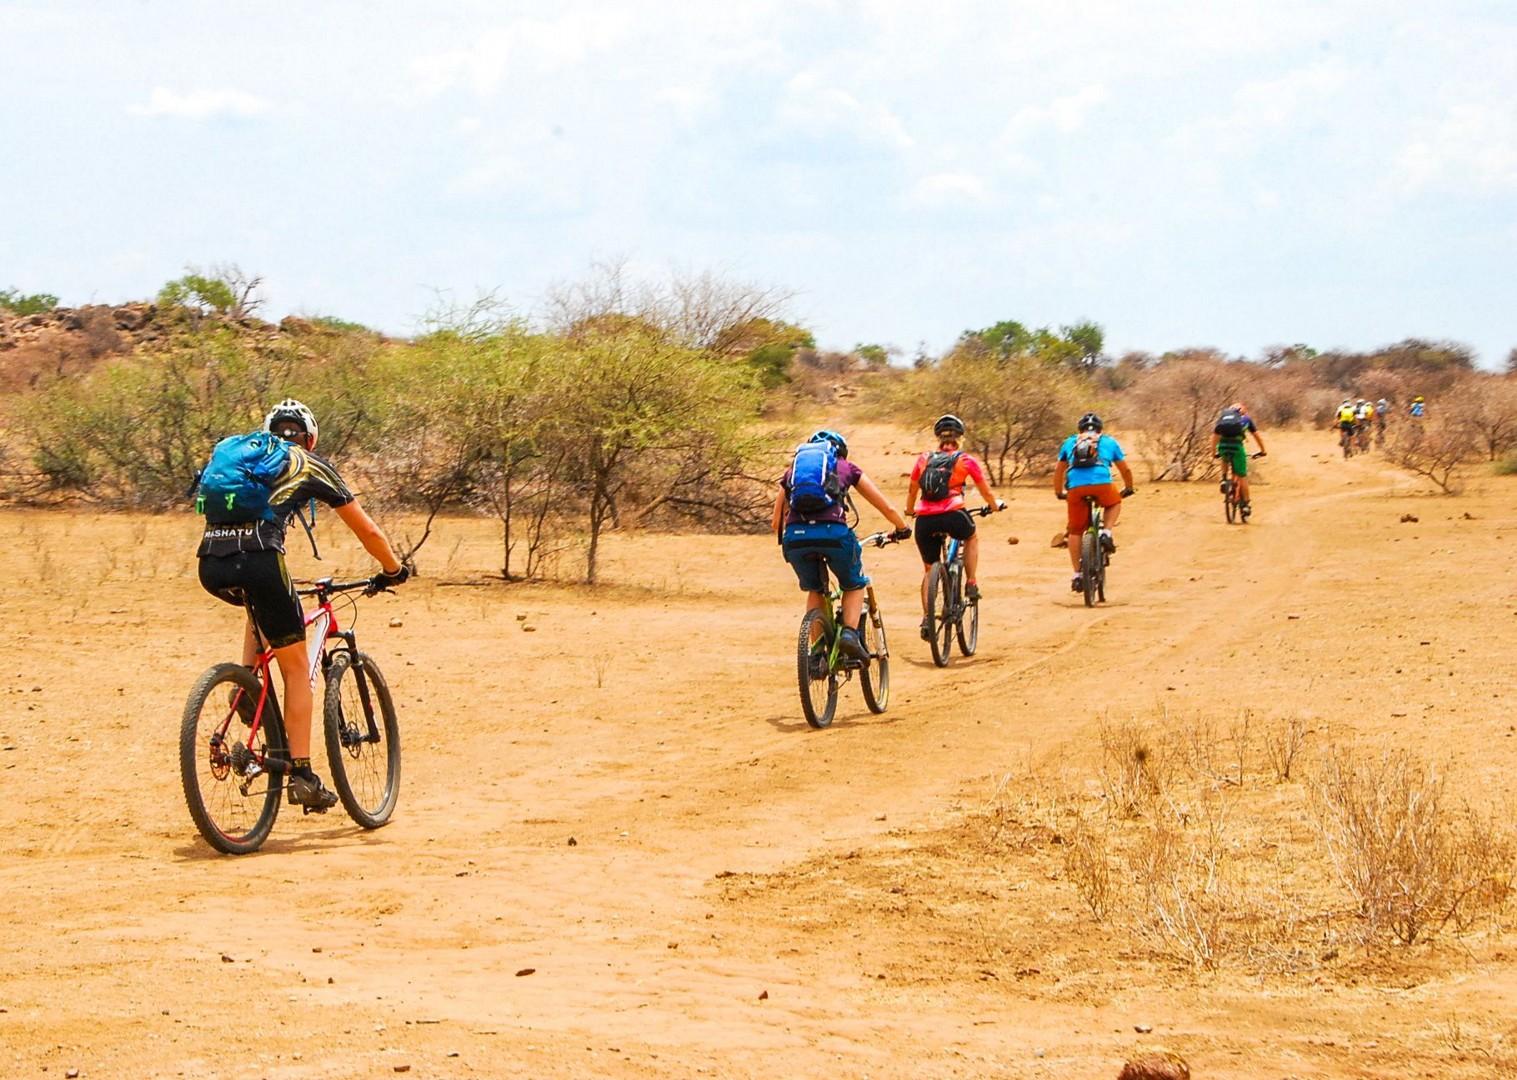 botswana-and-south-africa-holiday-saddle-skedaddle-mtb-holiday.jpg - NEW! South Africa and Botswana - Mountain Biking